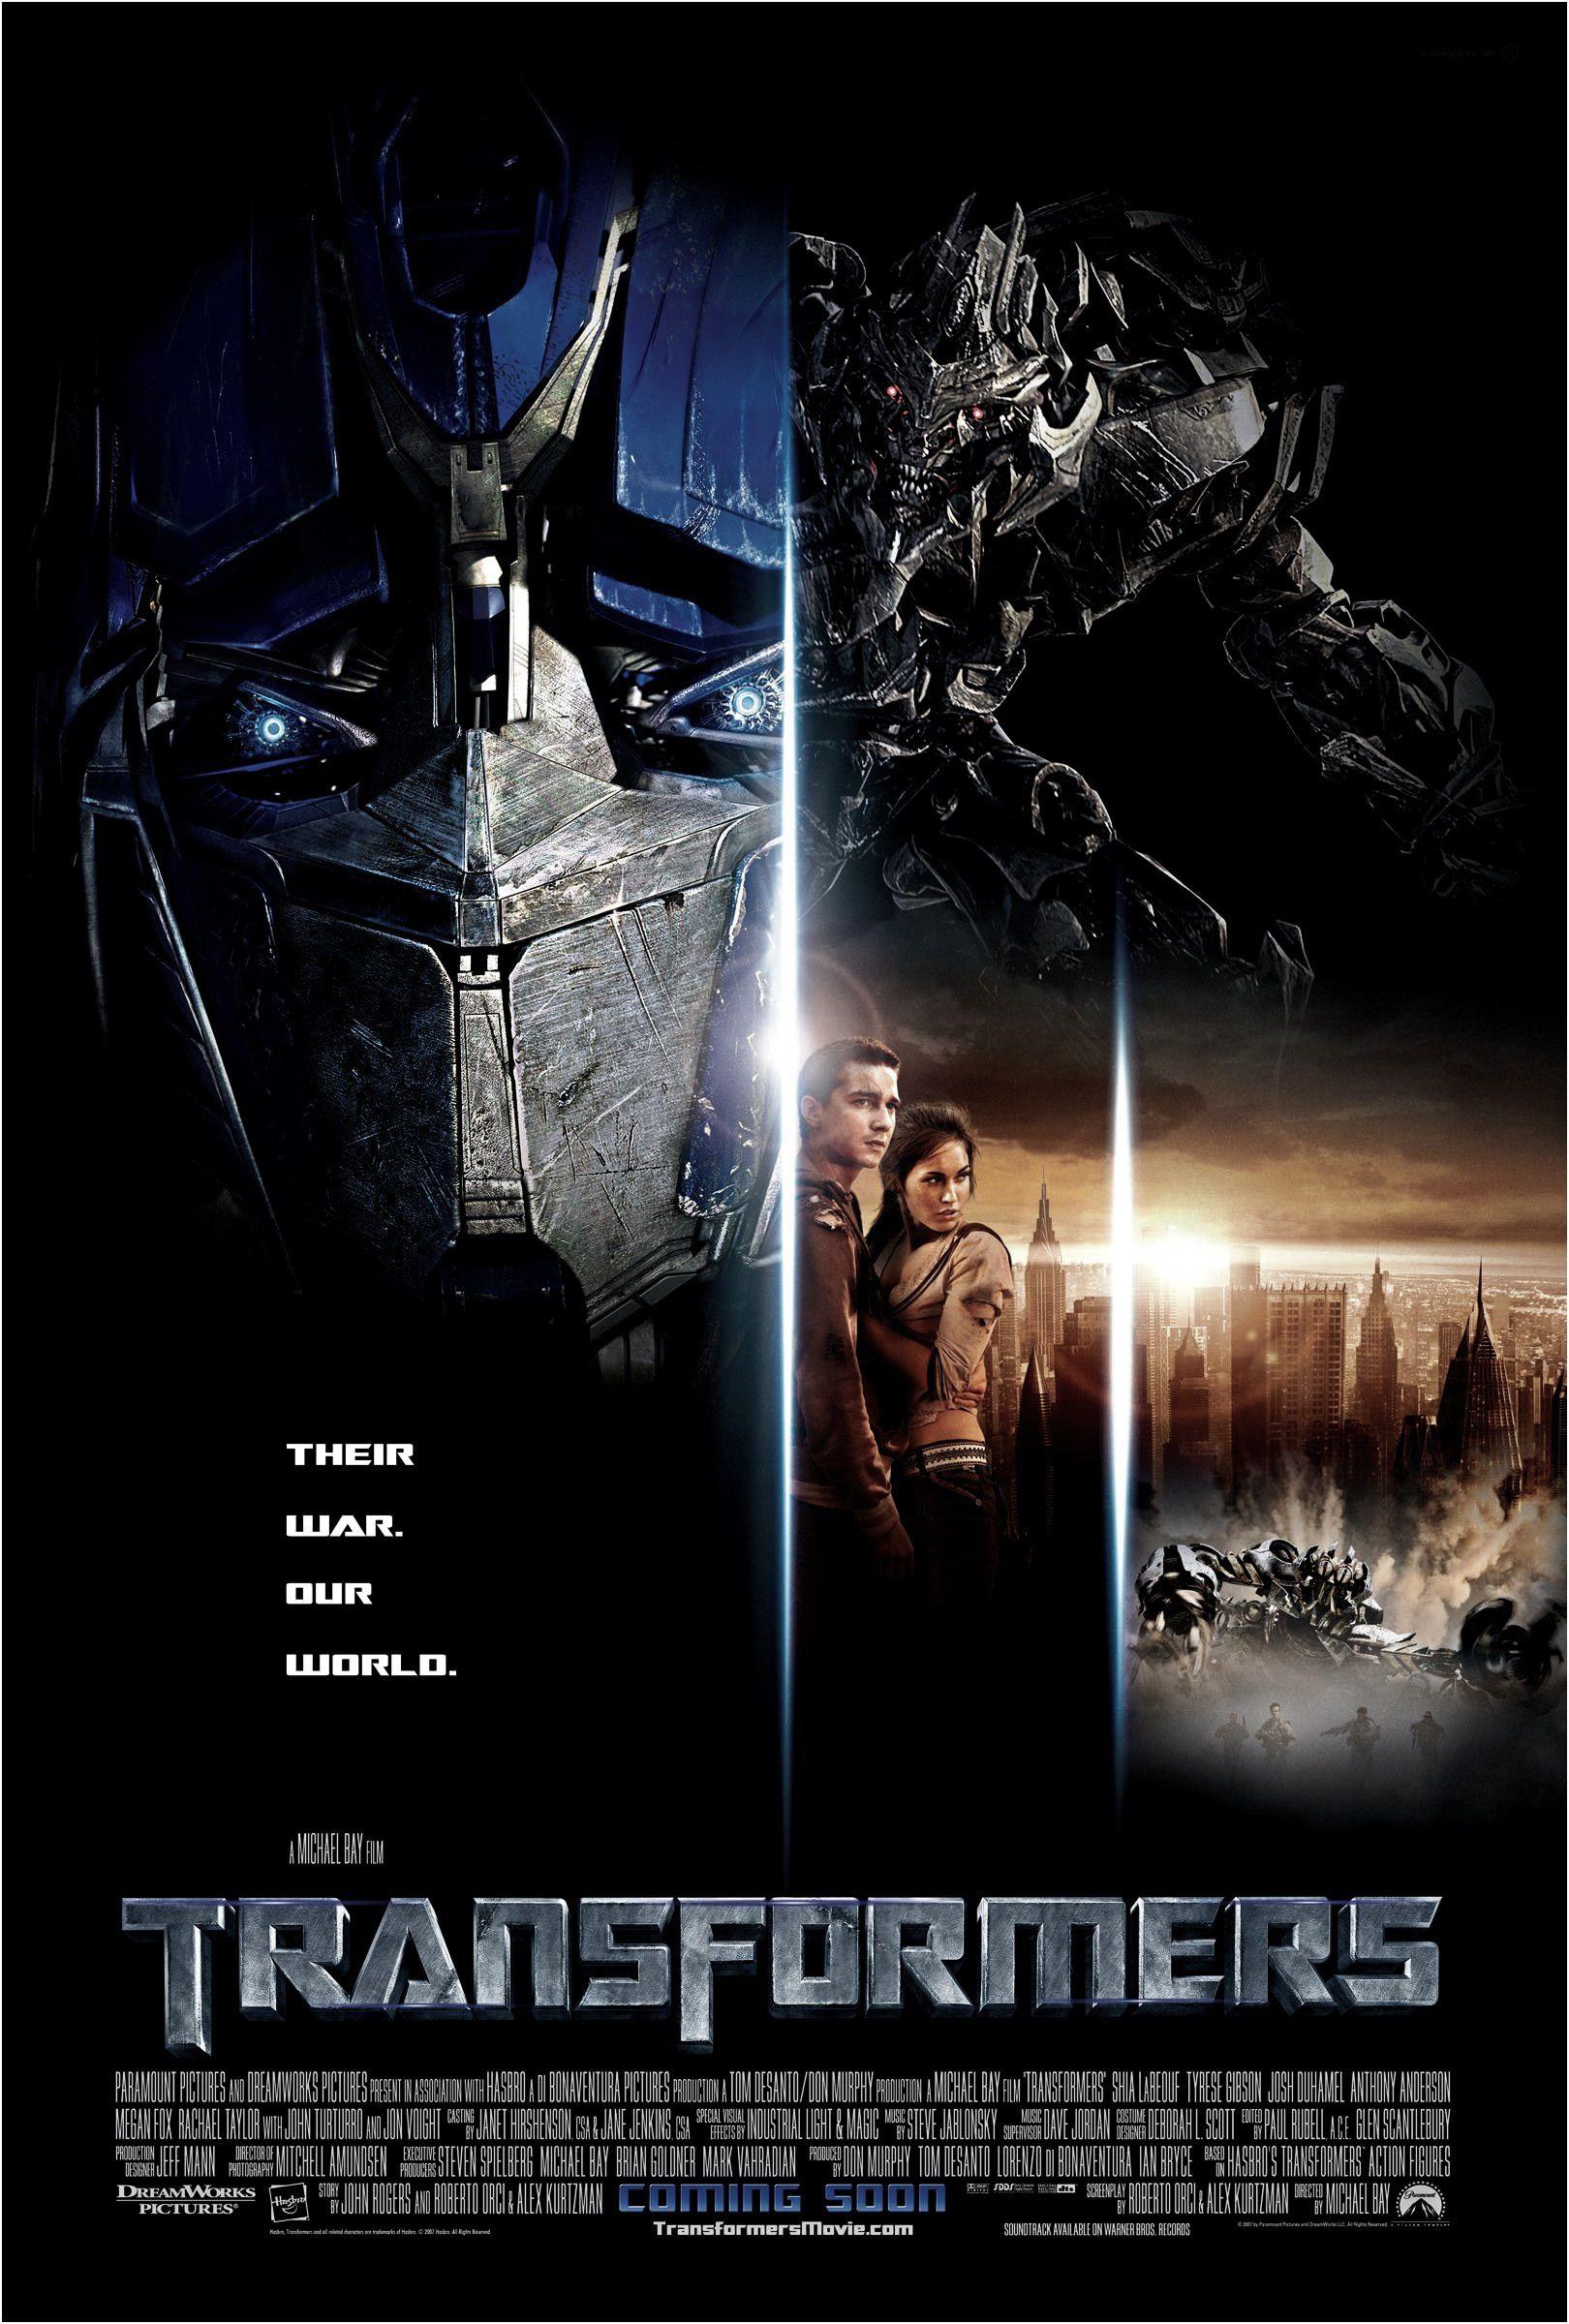 Transformers Peliculas Películas Completas Cine